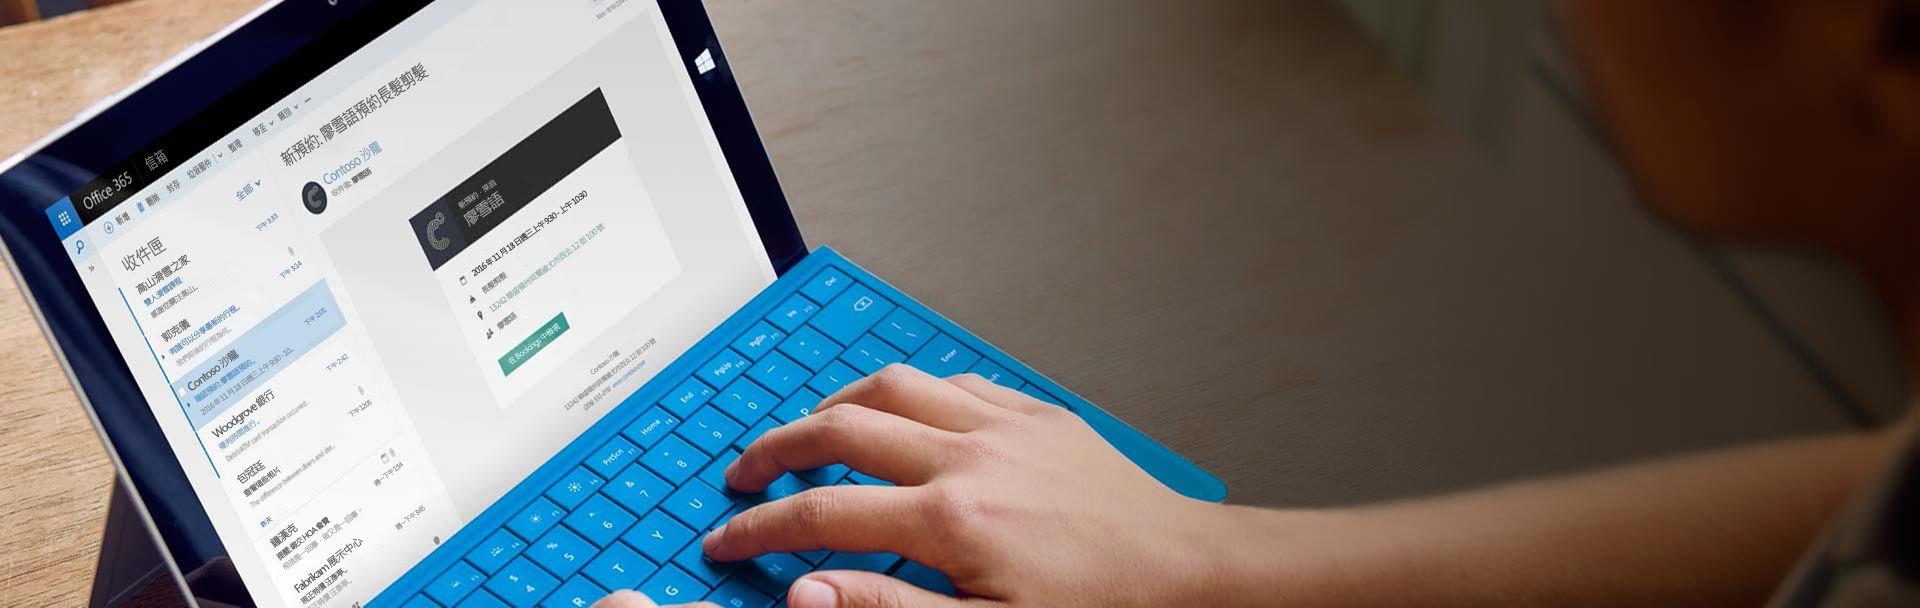 顯示 Office 365 Bookings 約會提醒電子郵件的平板電腦。